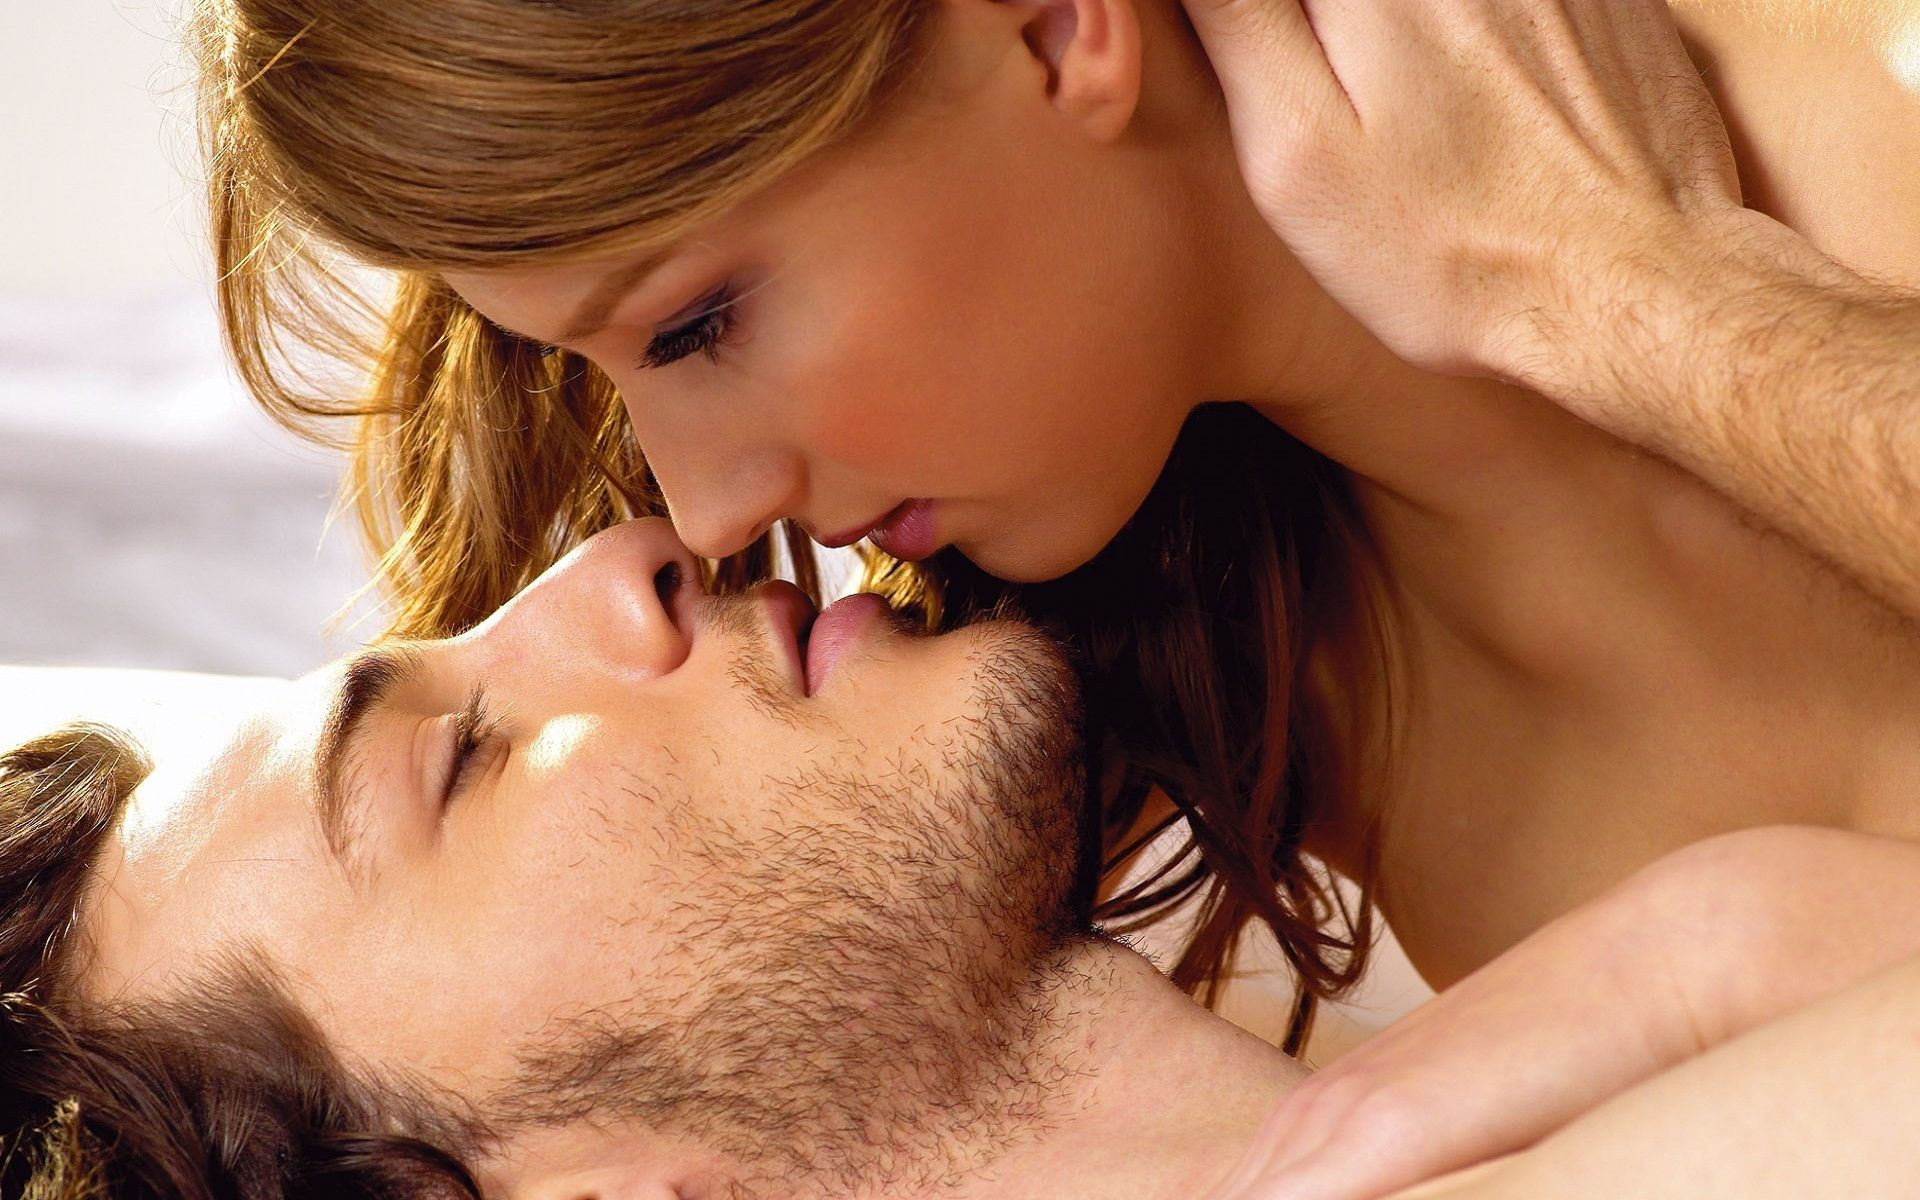 ochen-horoshi-i-seksuvalnie-foto